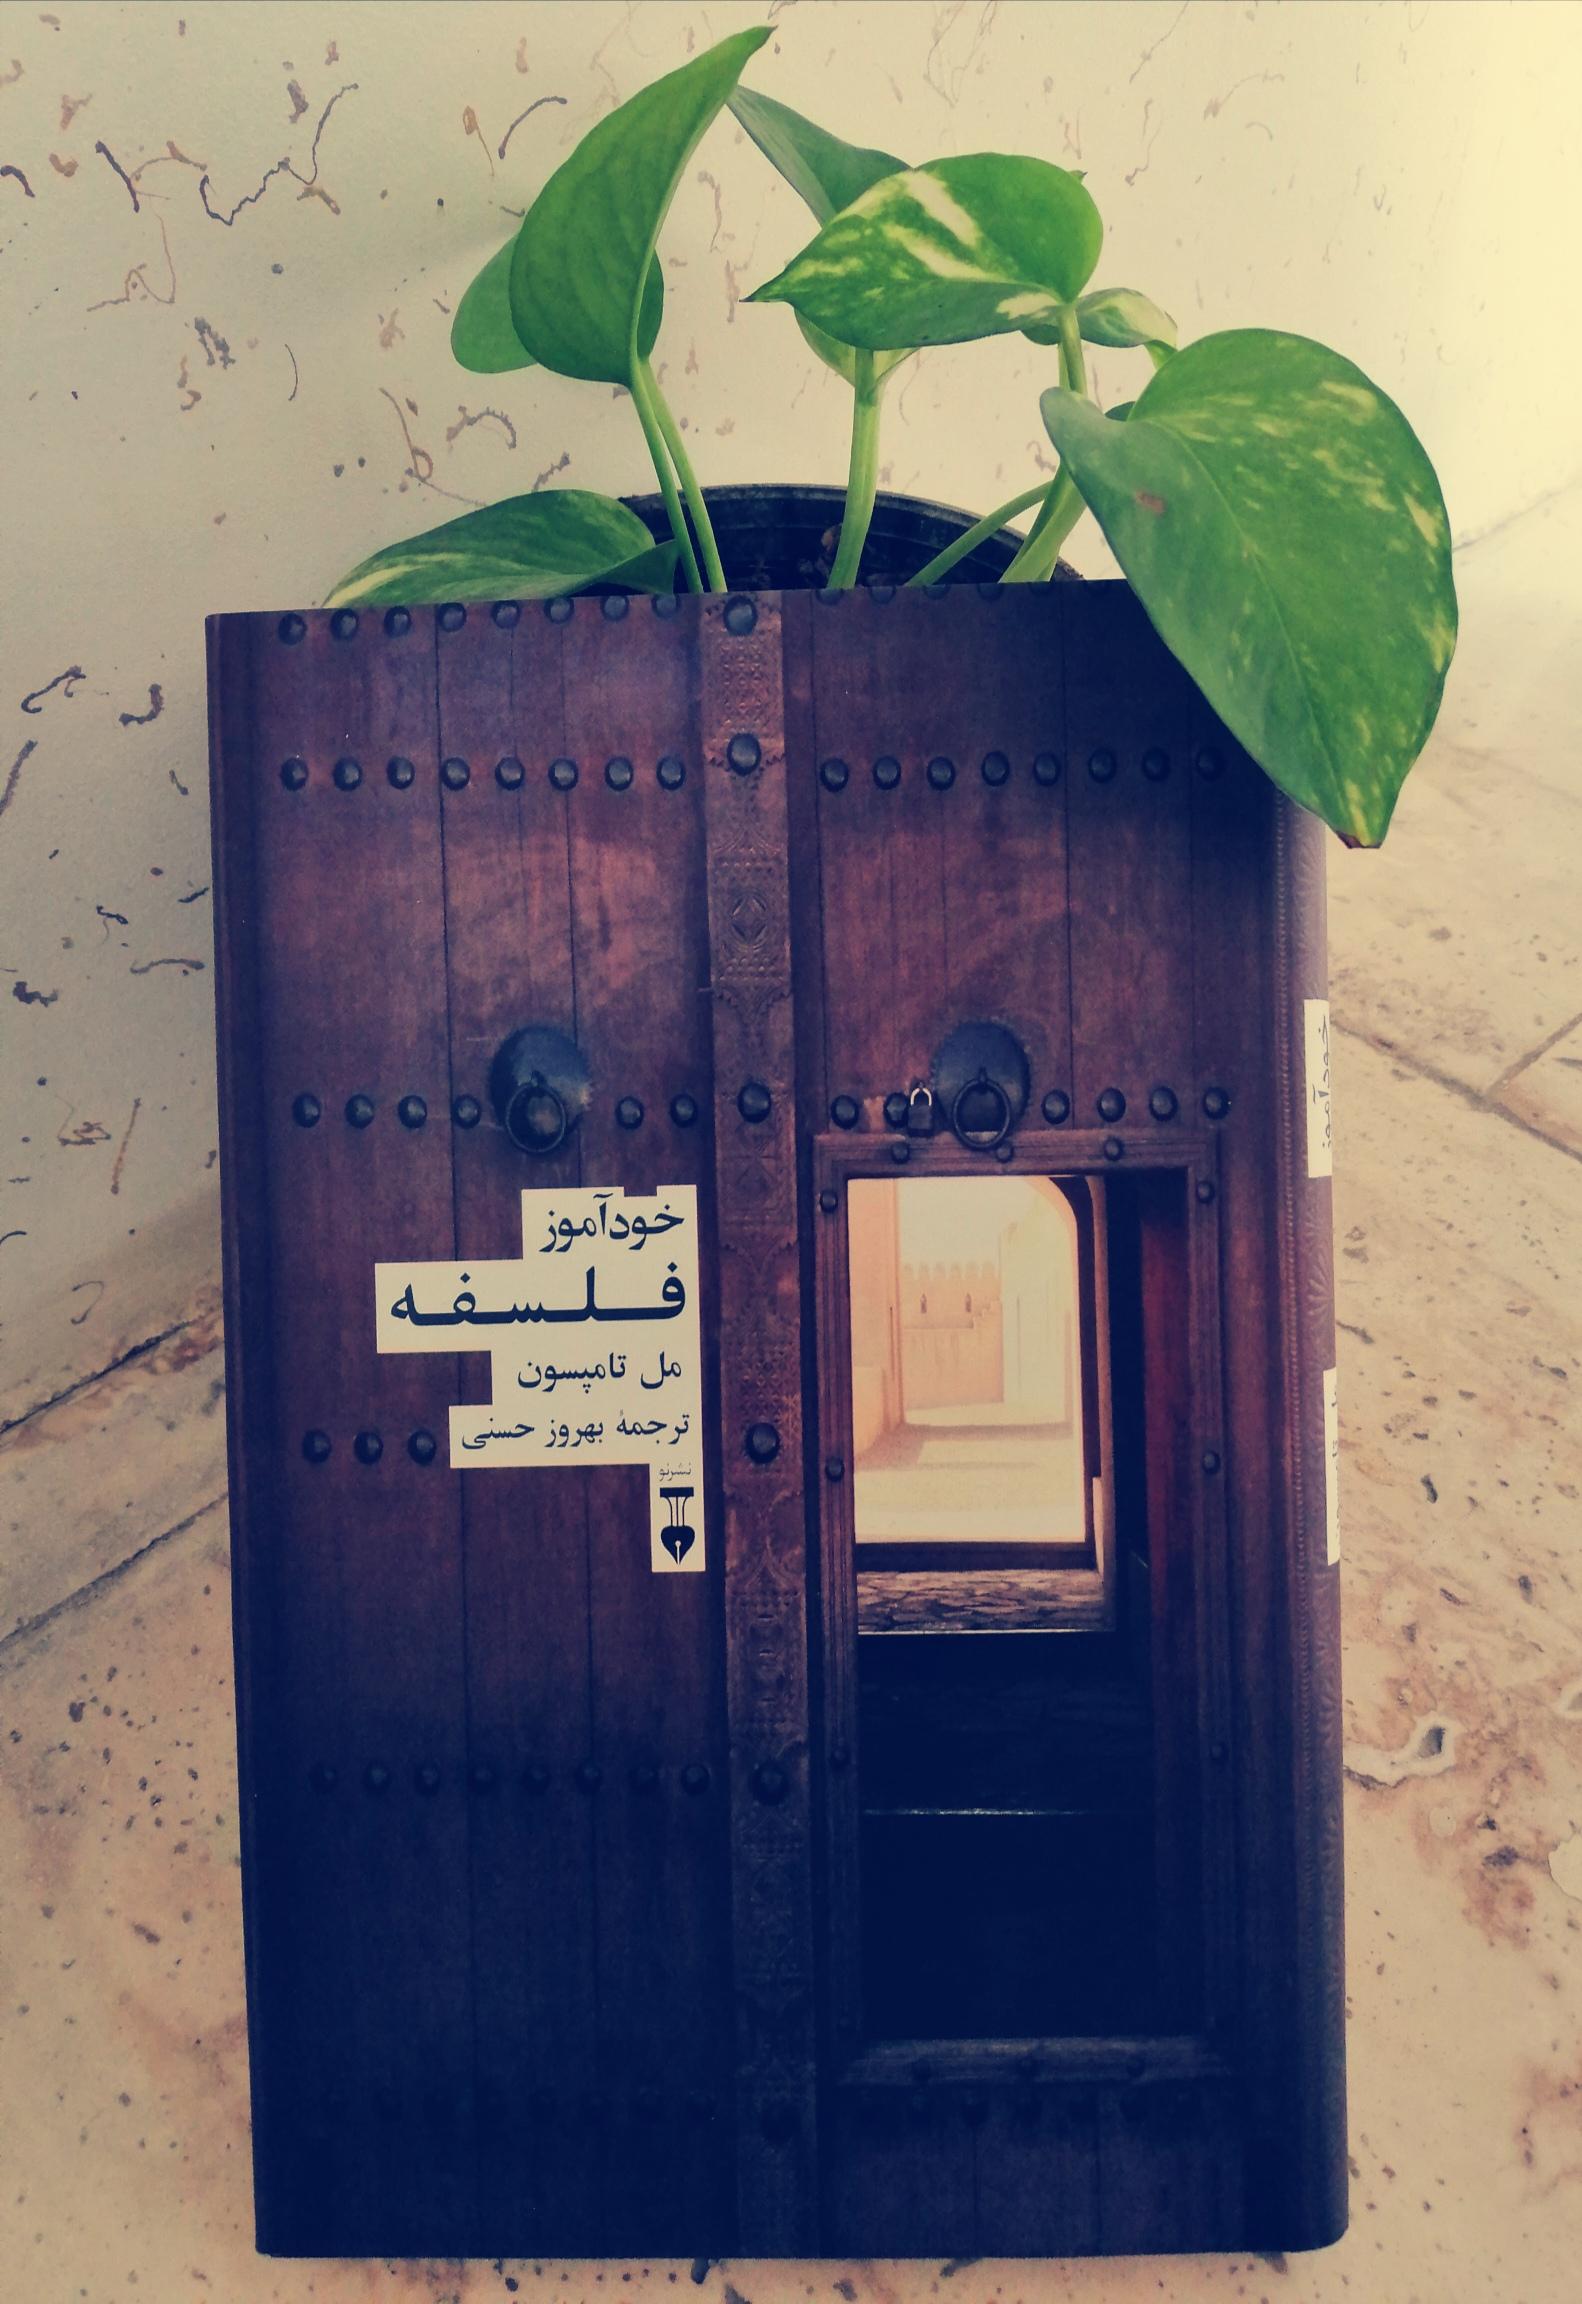 معرفی کتاب: خودآموز فلسفه